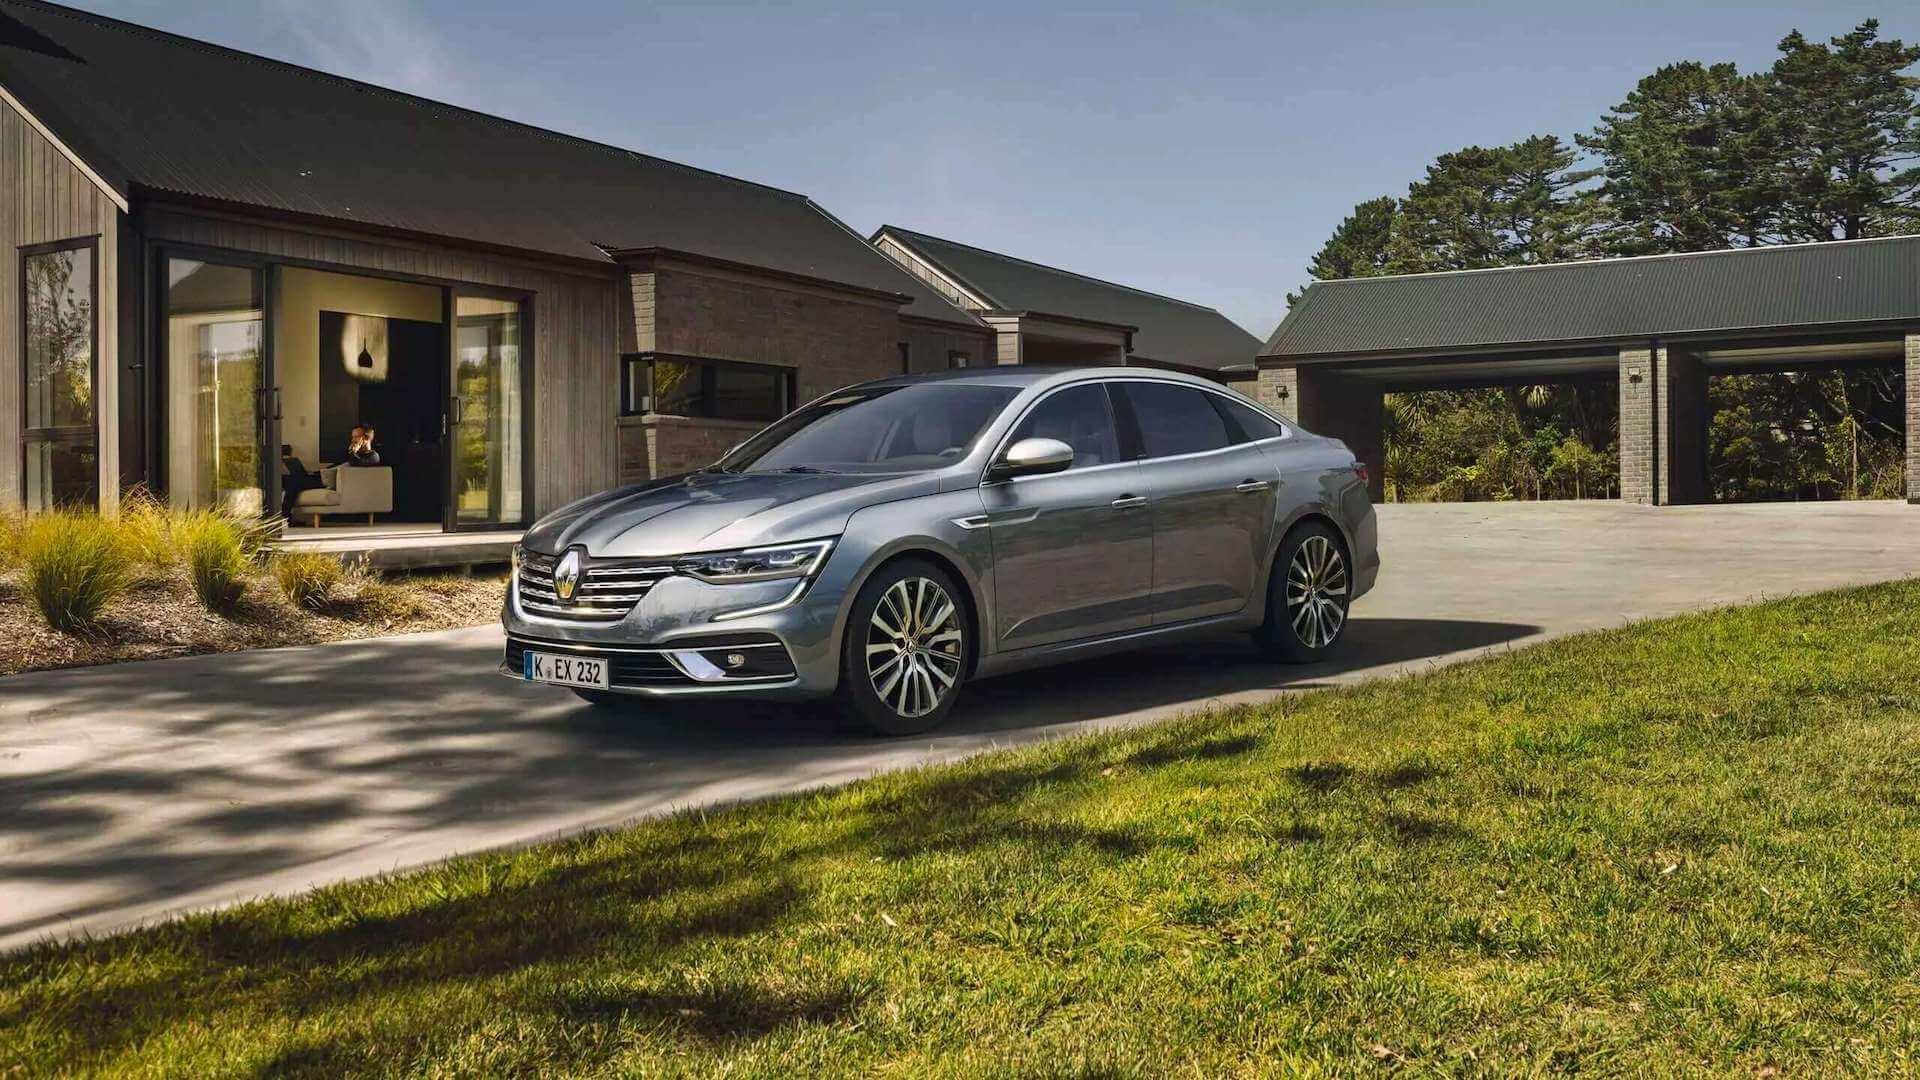 Frontansicht - silbernes Auto steht auf der Hausauffahrt - Renault Talisman - Renault Ahrens Hannover